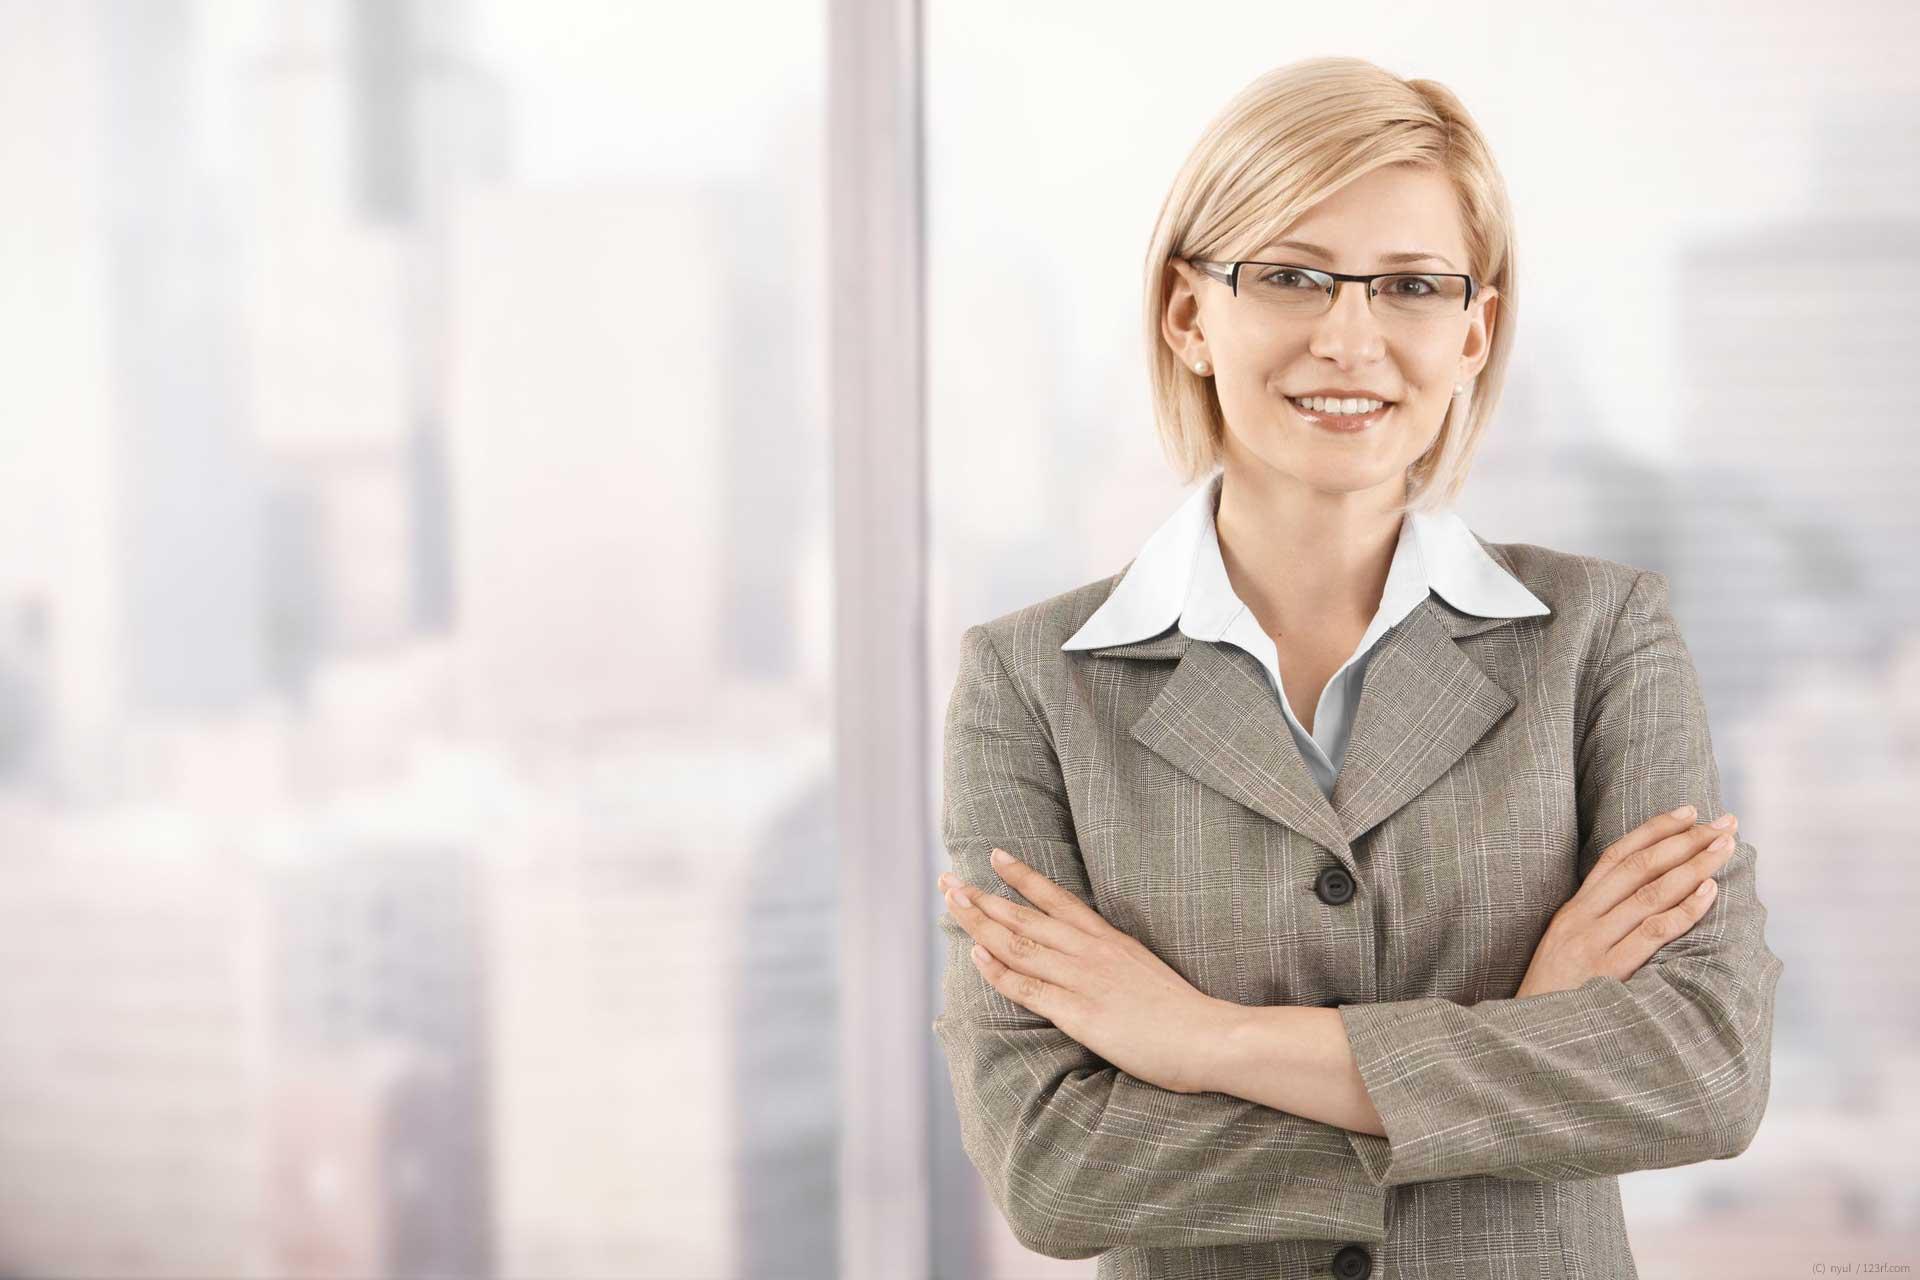 Dr. Klein | Steuerberater für Kapitalanlage, Vermietung, Immobilie, Trust-Stiftung, Fonds, Kapitalvermögen